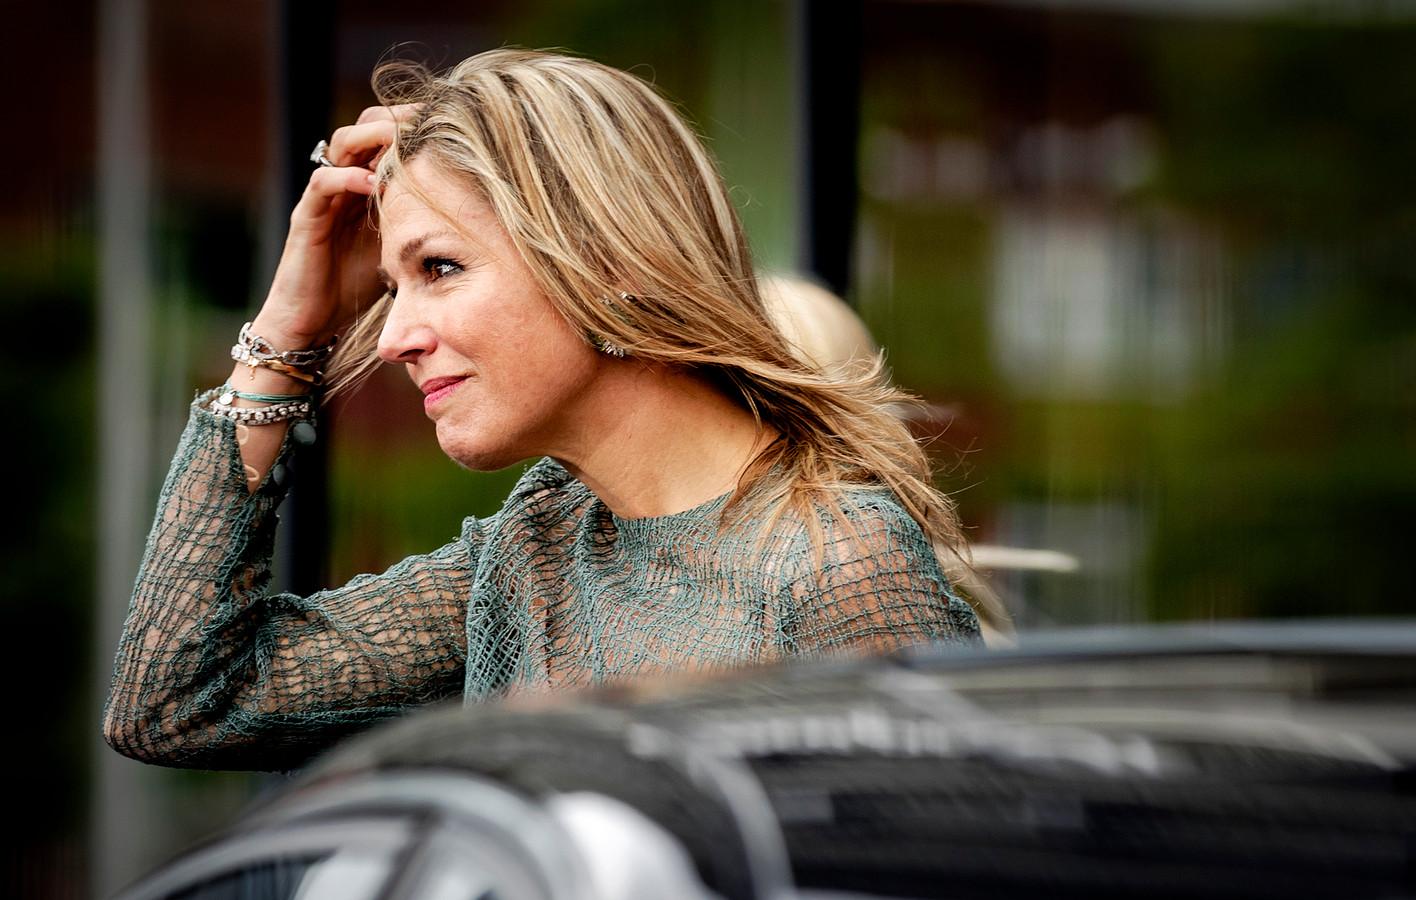 Koningin Maxima vertrekt na een werkbezoek aan het Protonentherapiecentrum in Groningen. Daar gaf ze een statement over het overlijden van haar zus Ines. Het is het eerste publieke optreden van de vorstin na het overlijden van haar zus.